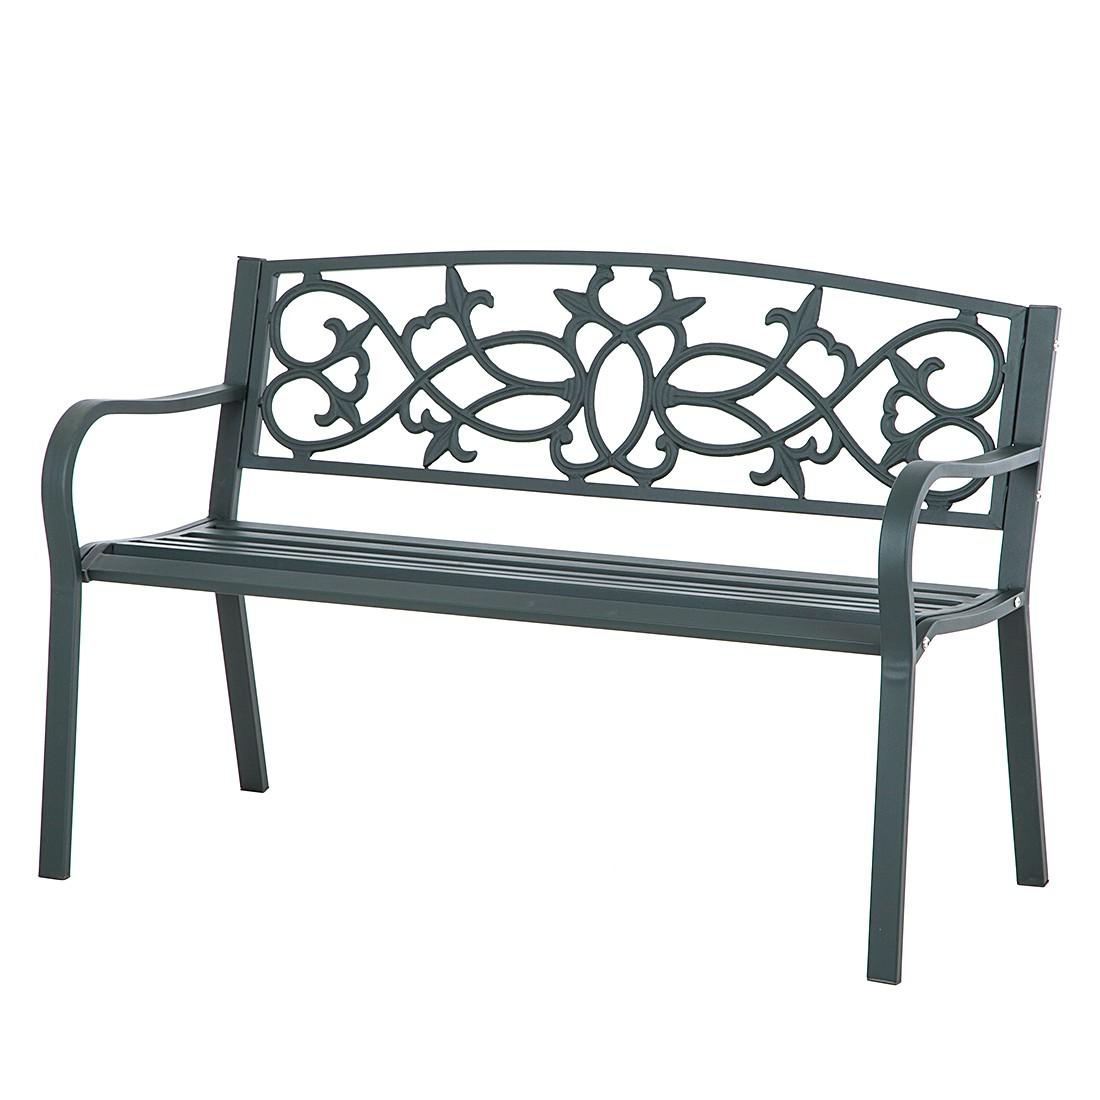 halbrunde gartenbank eisen 034747 eine interessante idee f r die gestaltung einer. Black Bedroom Furniture Sets. Home Design Ideas